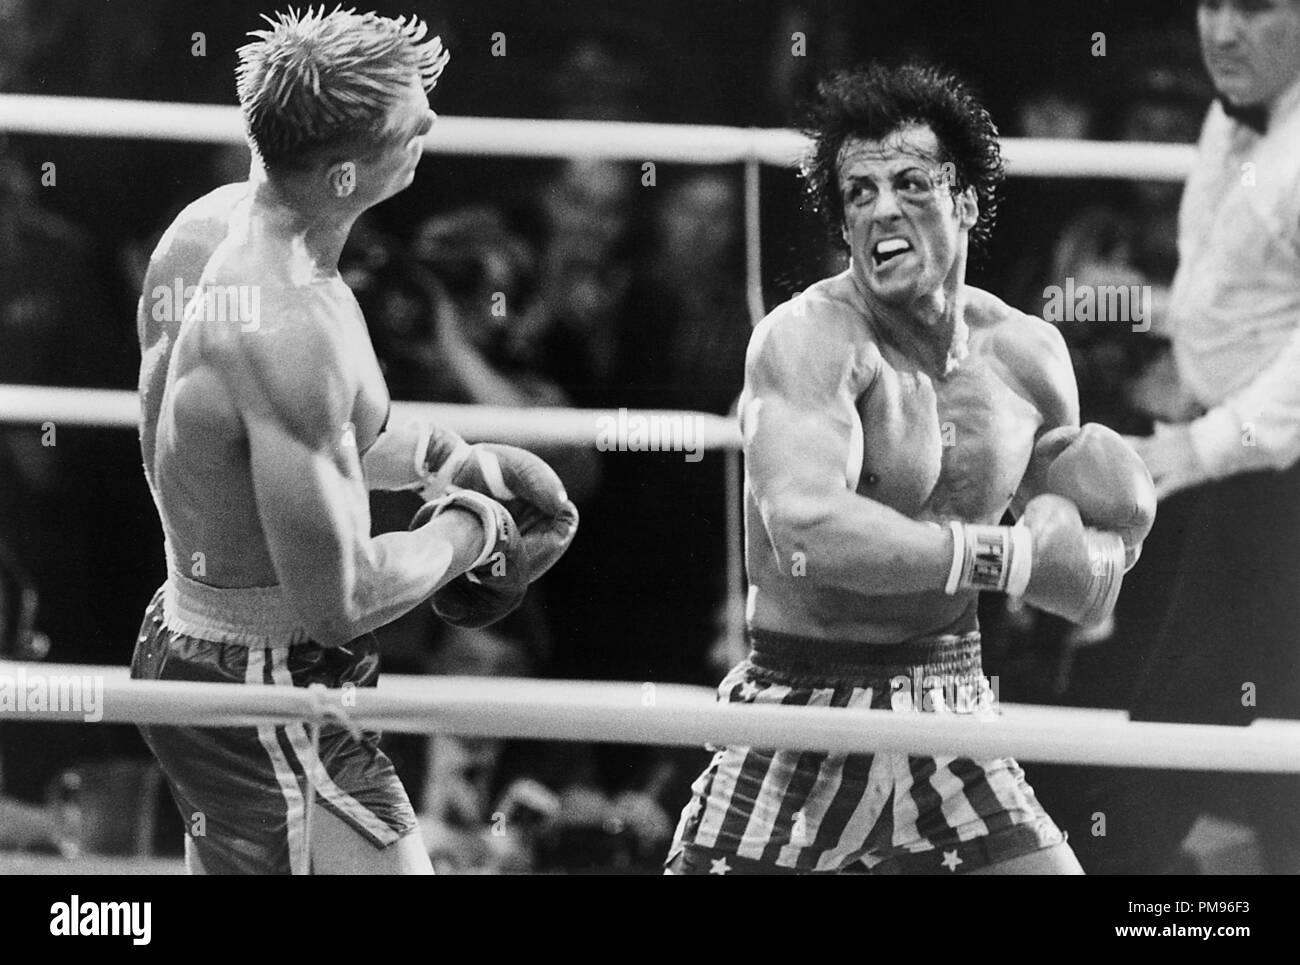 Studio publicidad todavía de 'Rocky IV' Sylvester Stallone, Dolph Lundgren © 1985 MGM/UA Todos Los Derechos Reservados Archivo de referencia # 31703101THA sólo para uso editorial Foto de stock